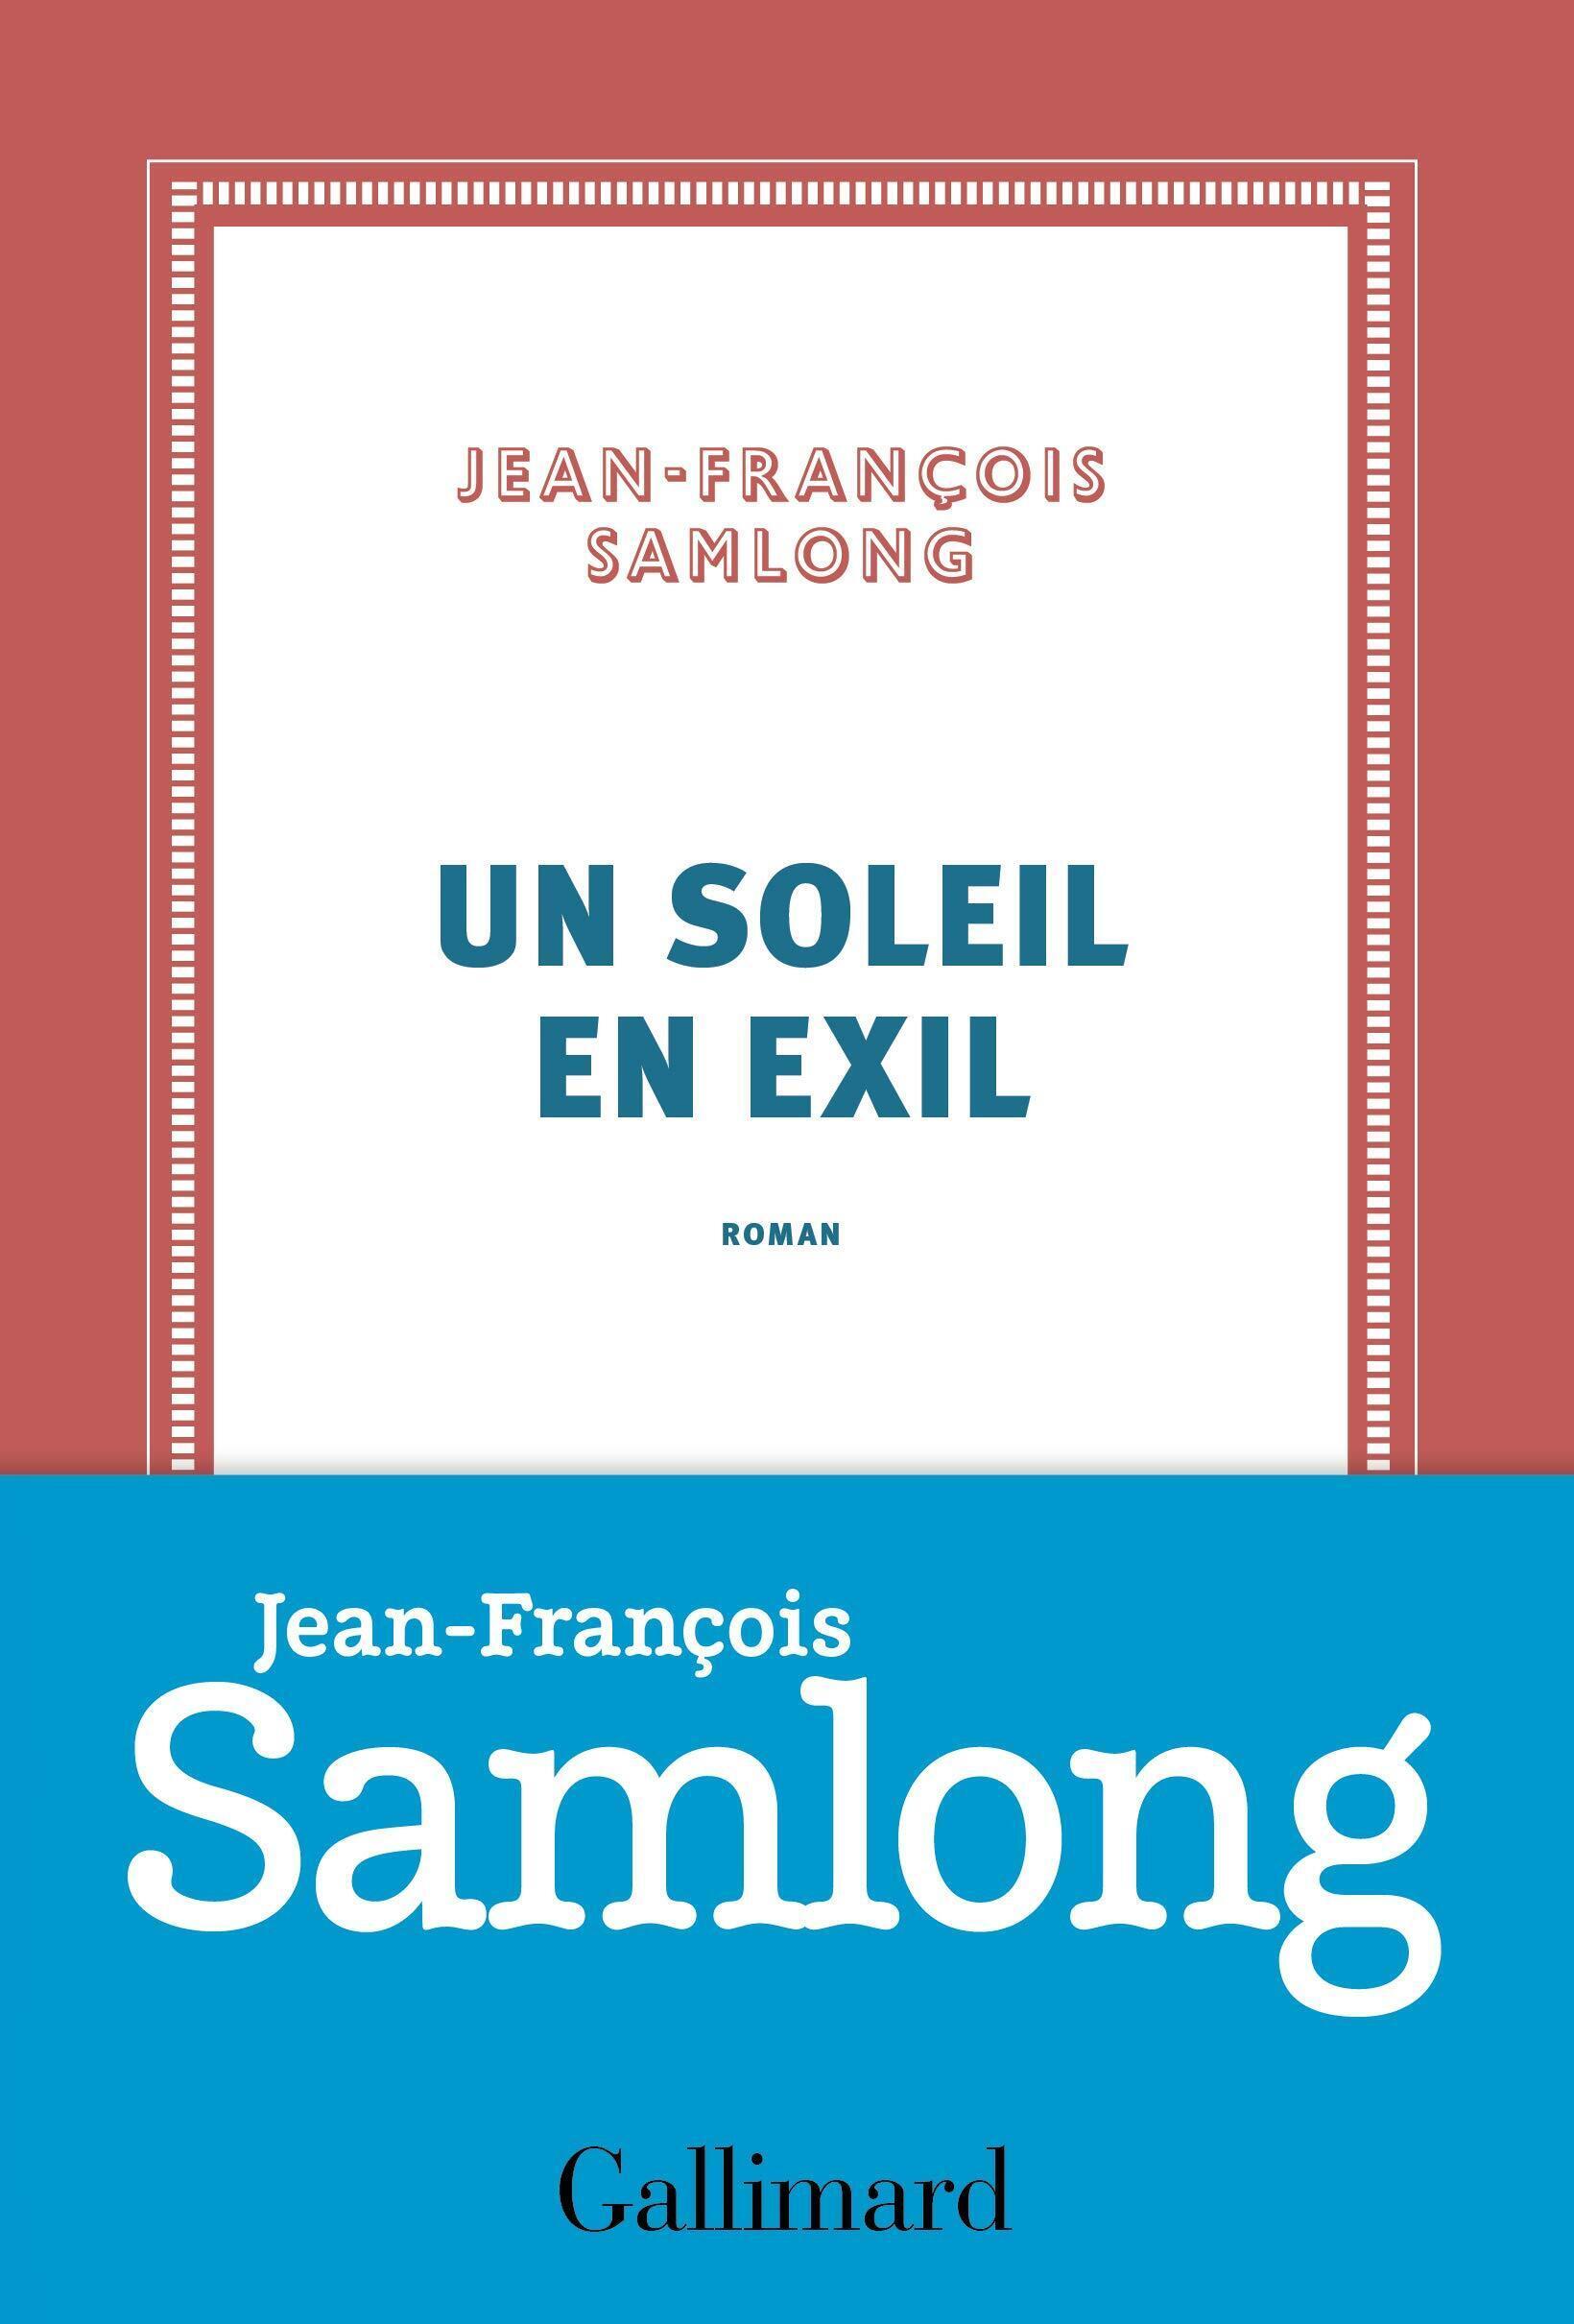 Couverture du roman de Jean-François Samlong